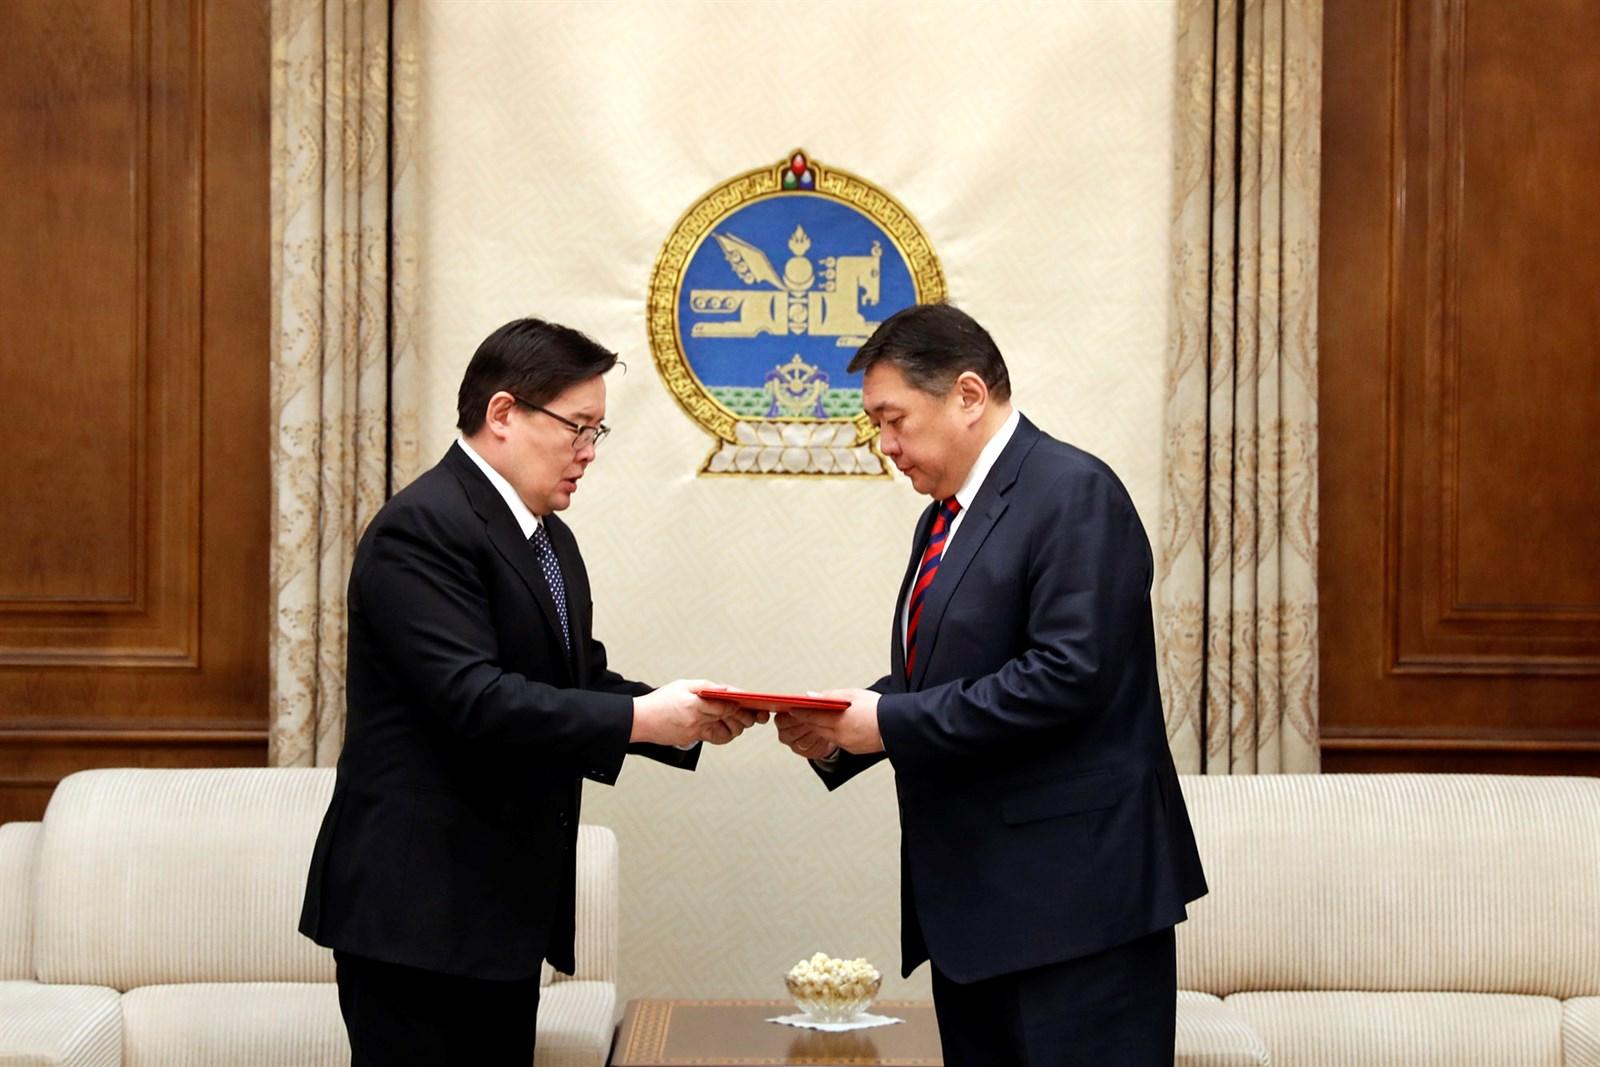 Монгол улс нэмж  4 улстай дипломат харилцаа тогтооно